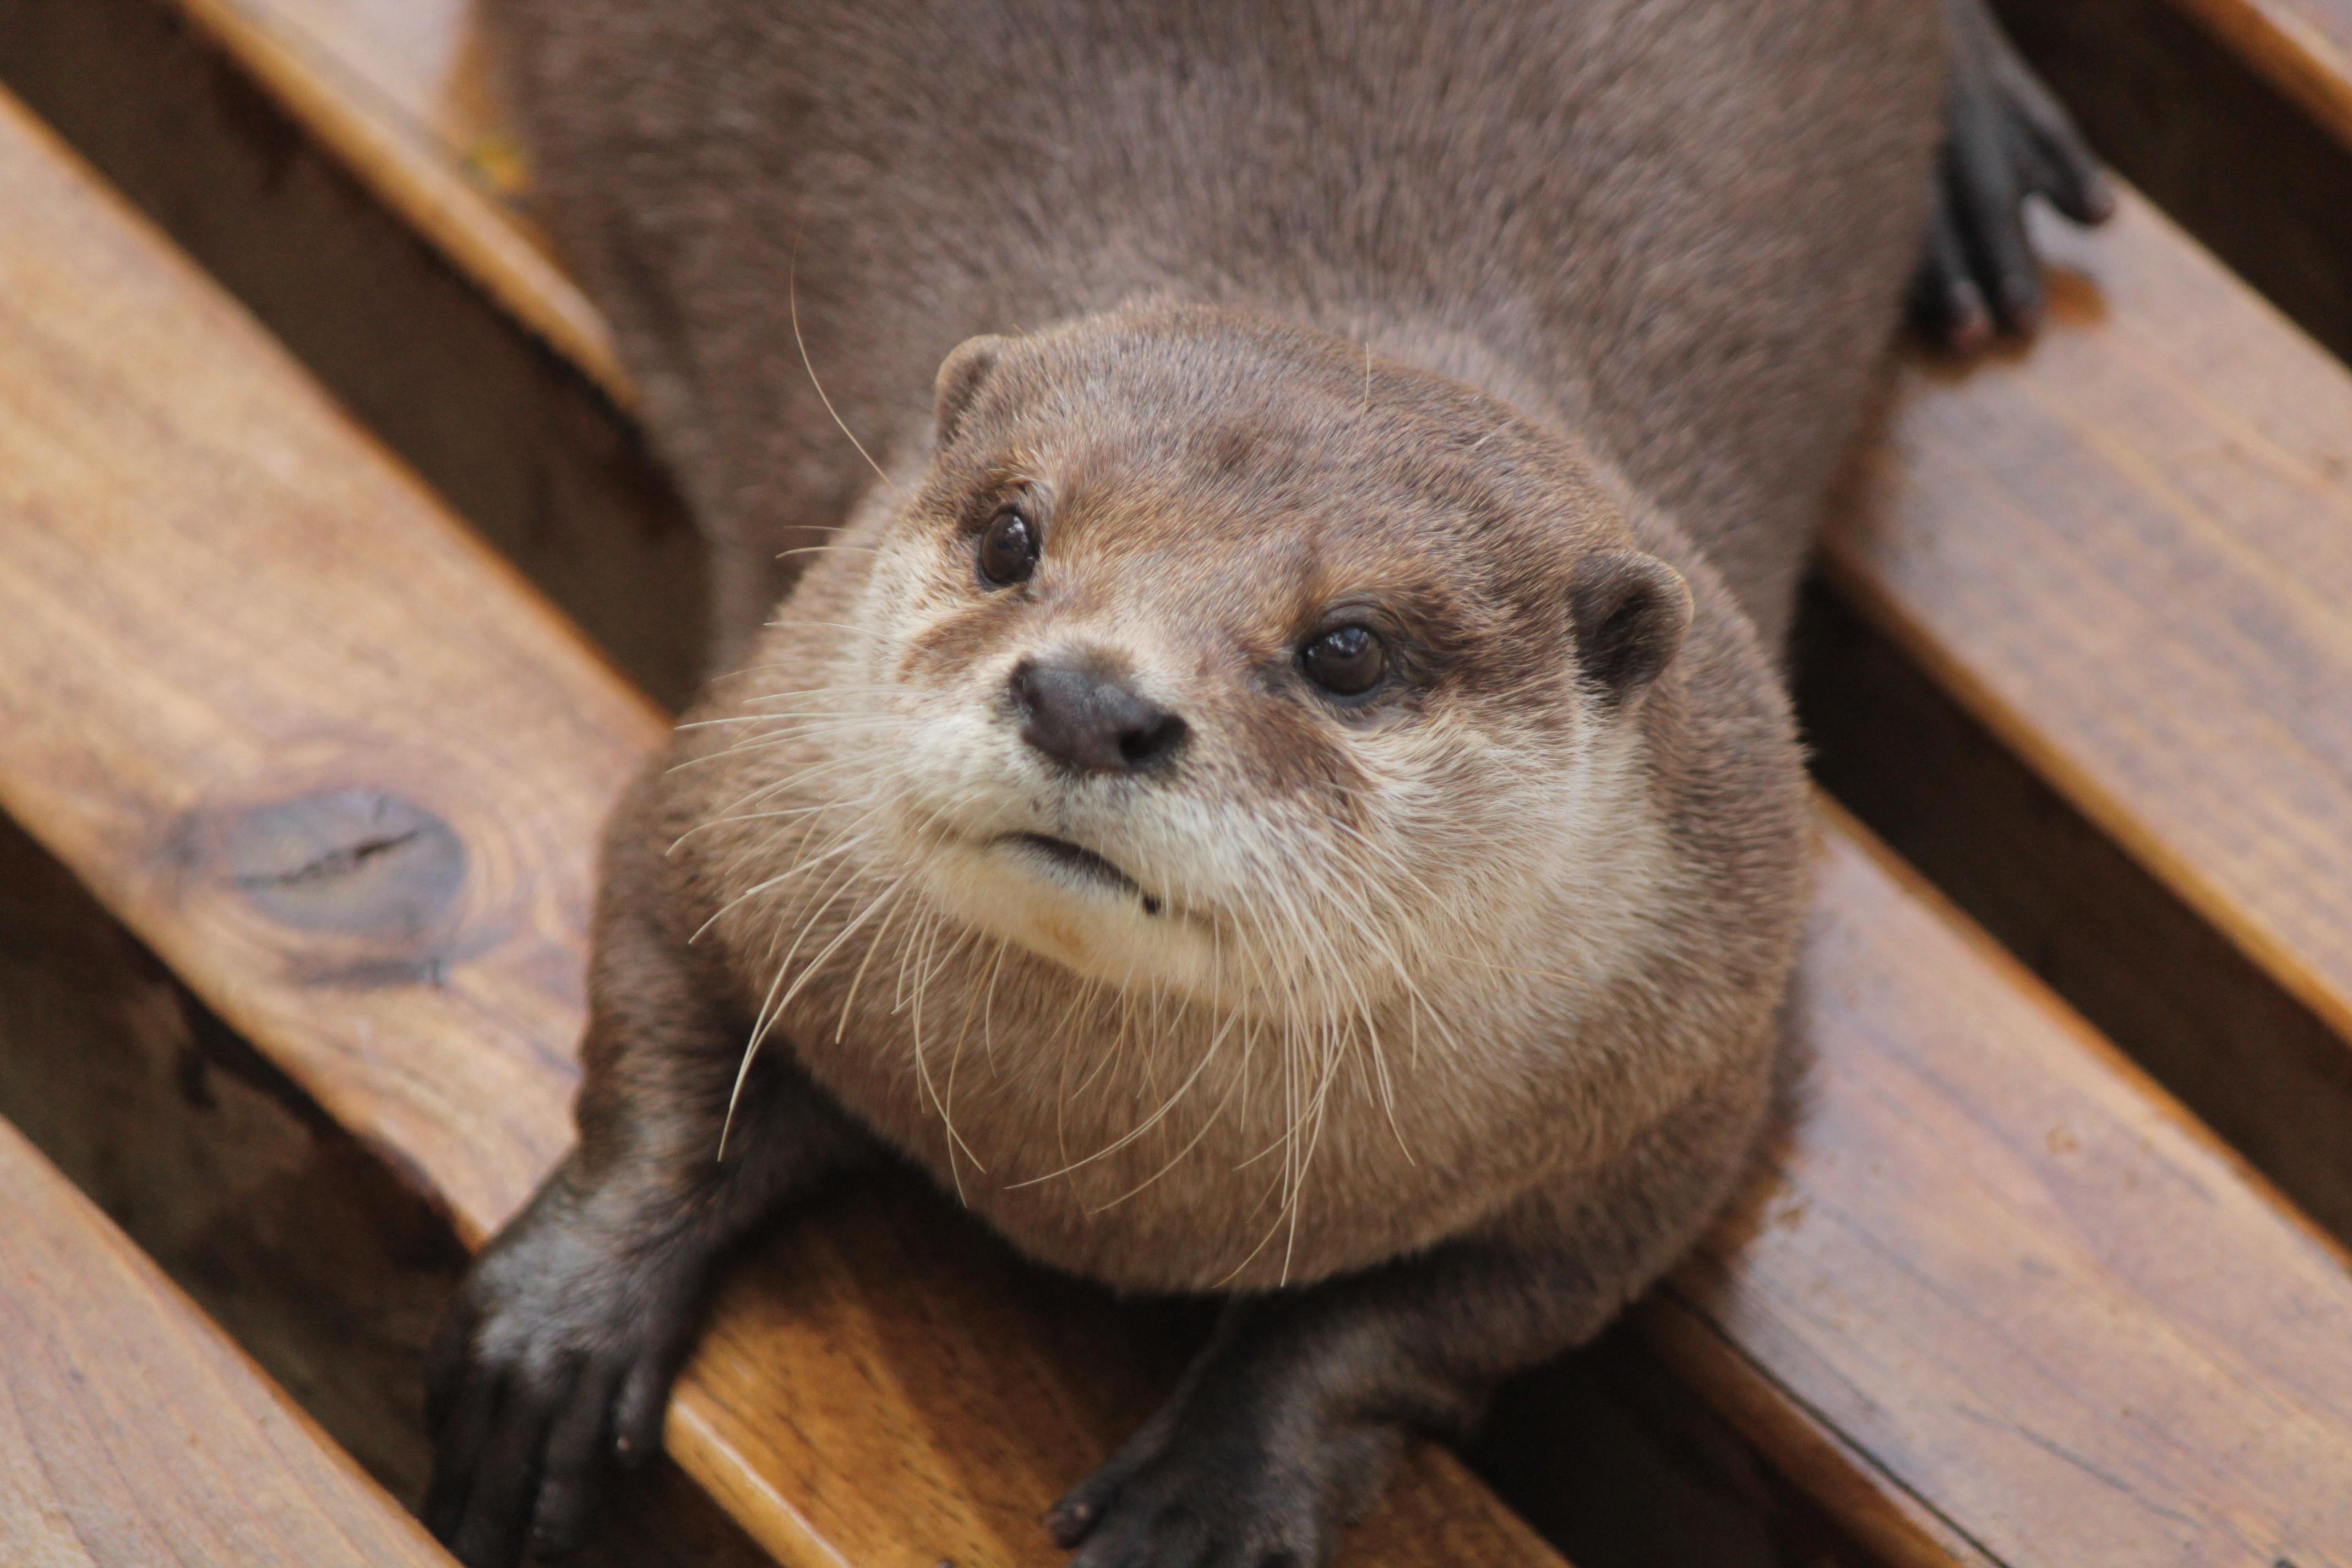 무료 이미지 귀엽다 동물원 모피 포유 동물 휴식 동물 상 구레나룻 머리 척골가 있는